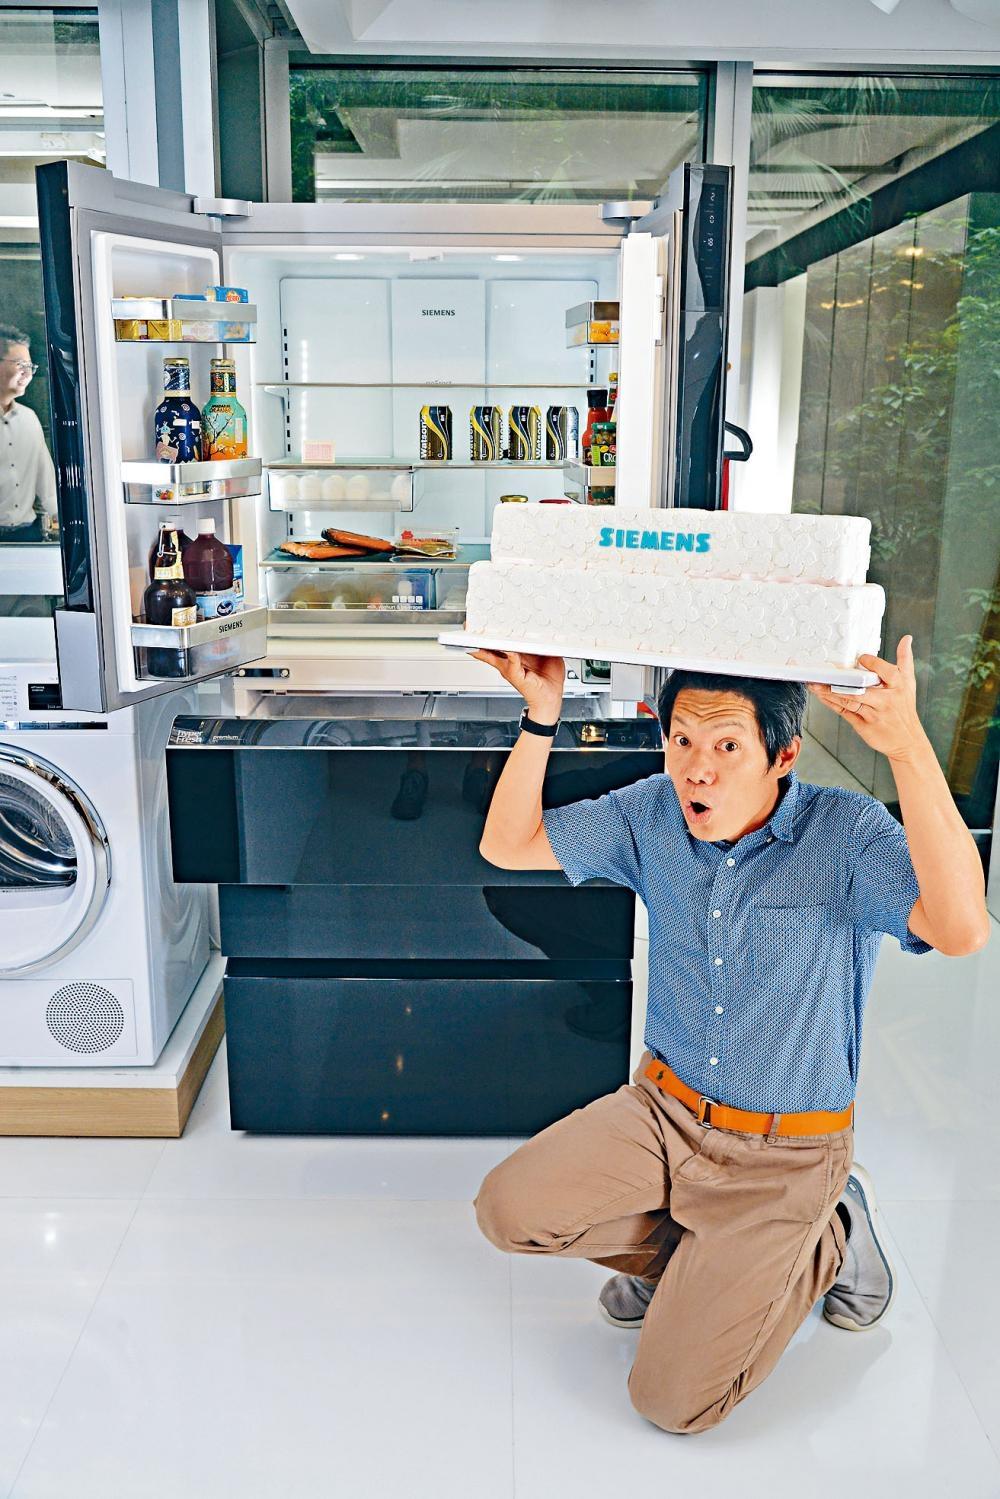 除了保鮮格有新技術保鮮外,新雪櫃容量達三百五十九公升,毋須移動間格,也可放進雙層蛋糕。